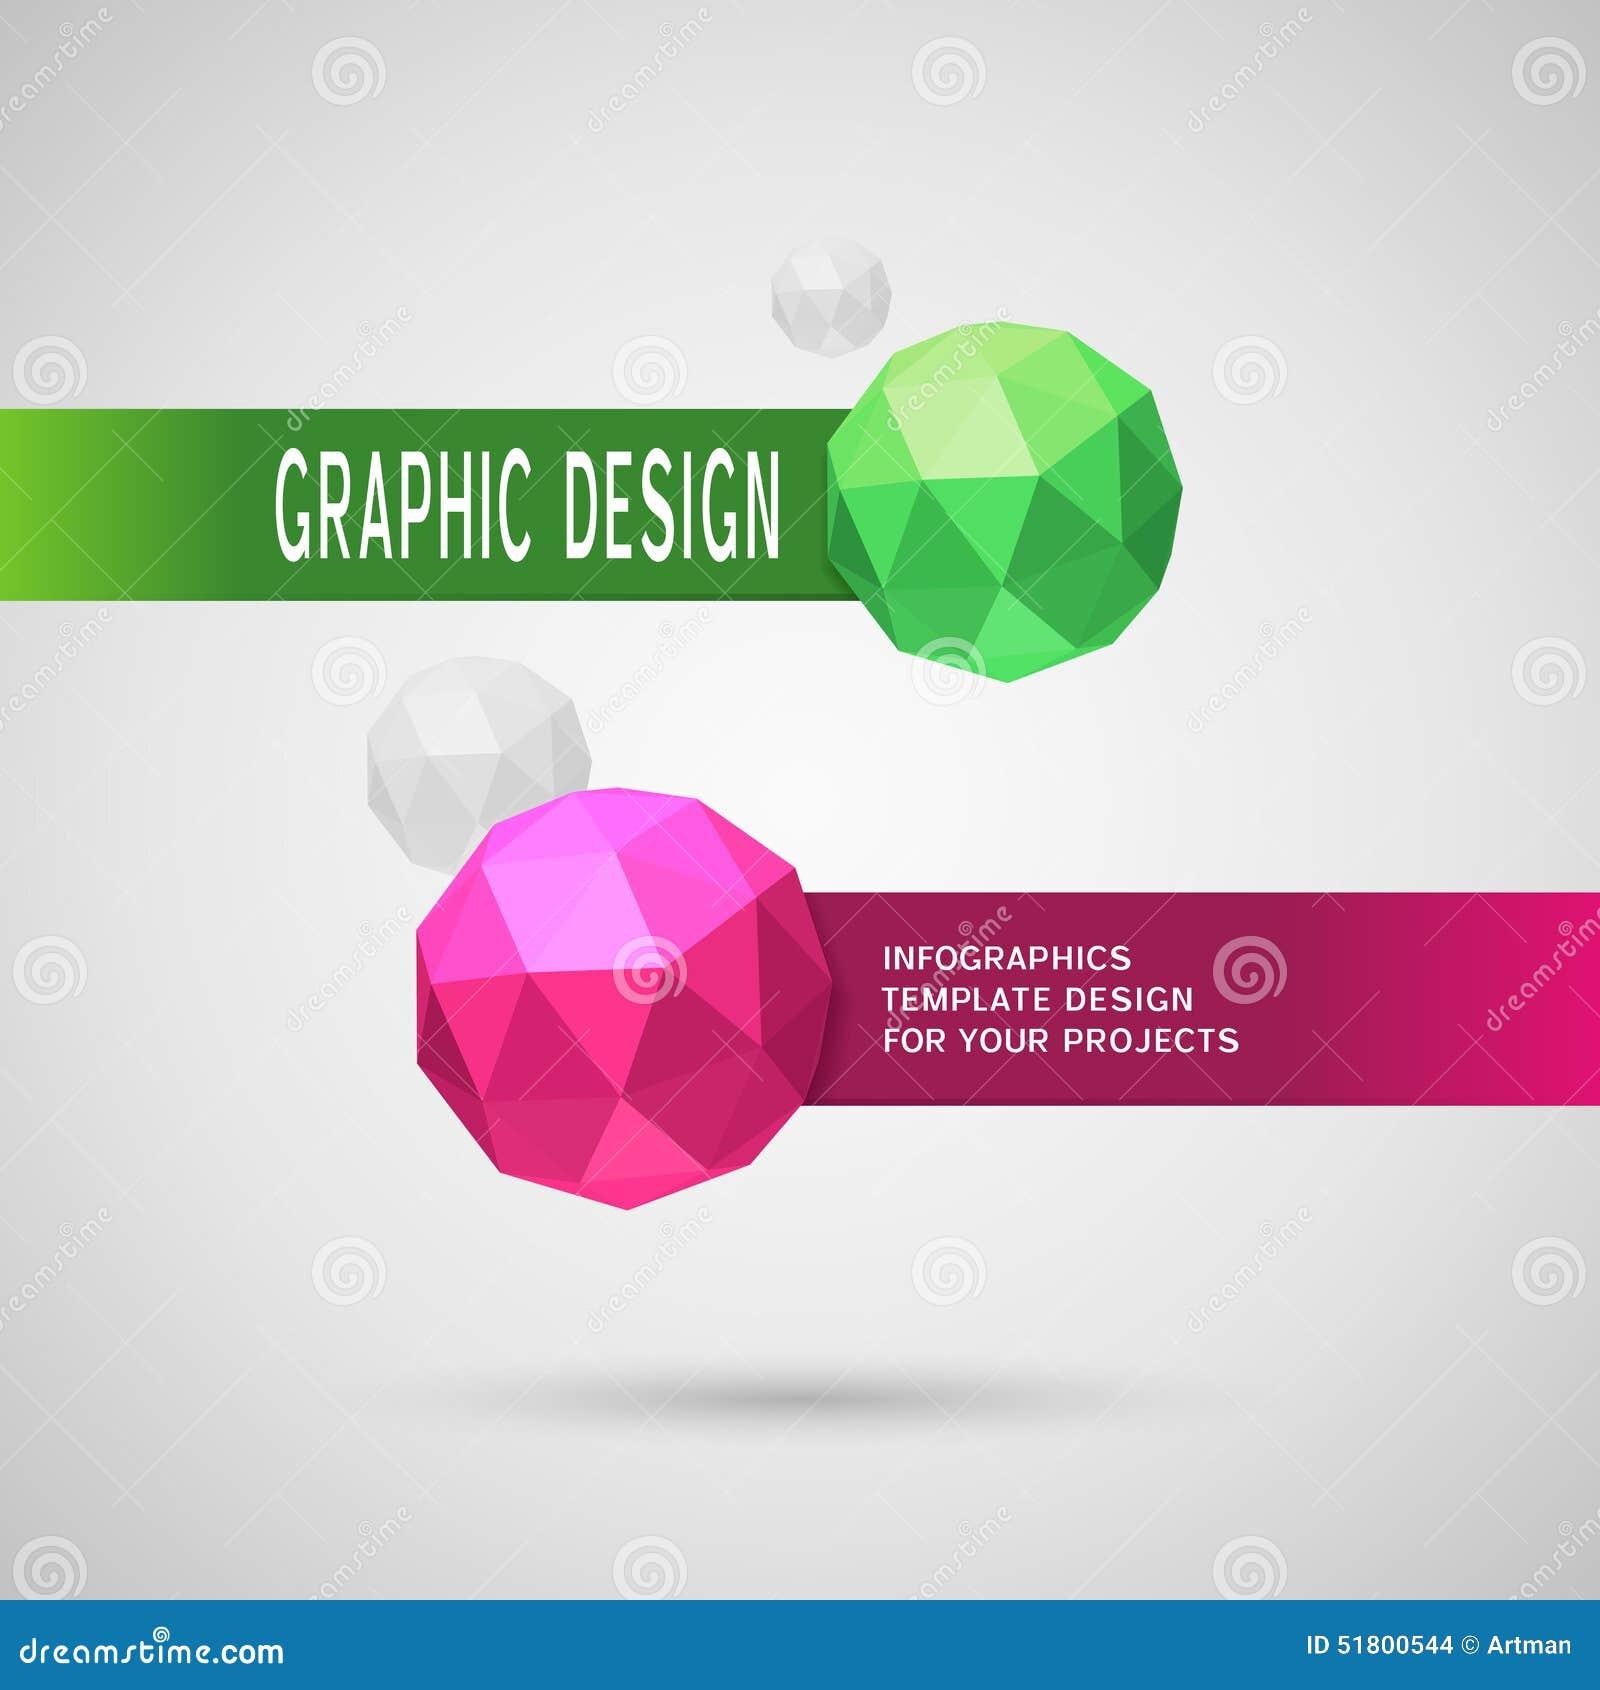 Abstrakt infographic design med två sfäriska beståndsdelar